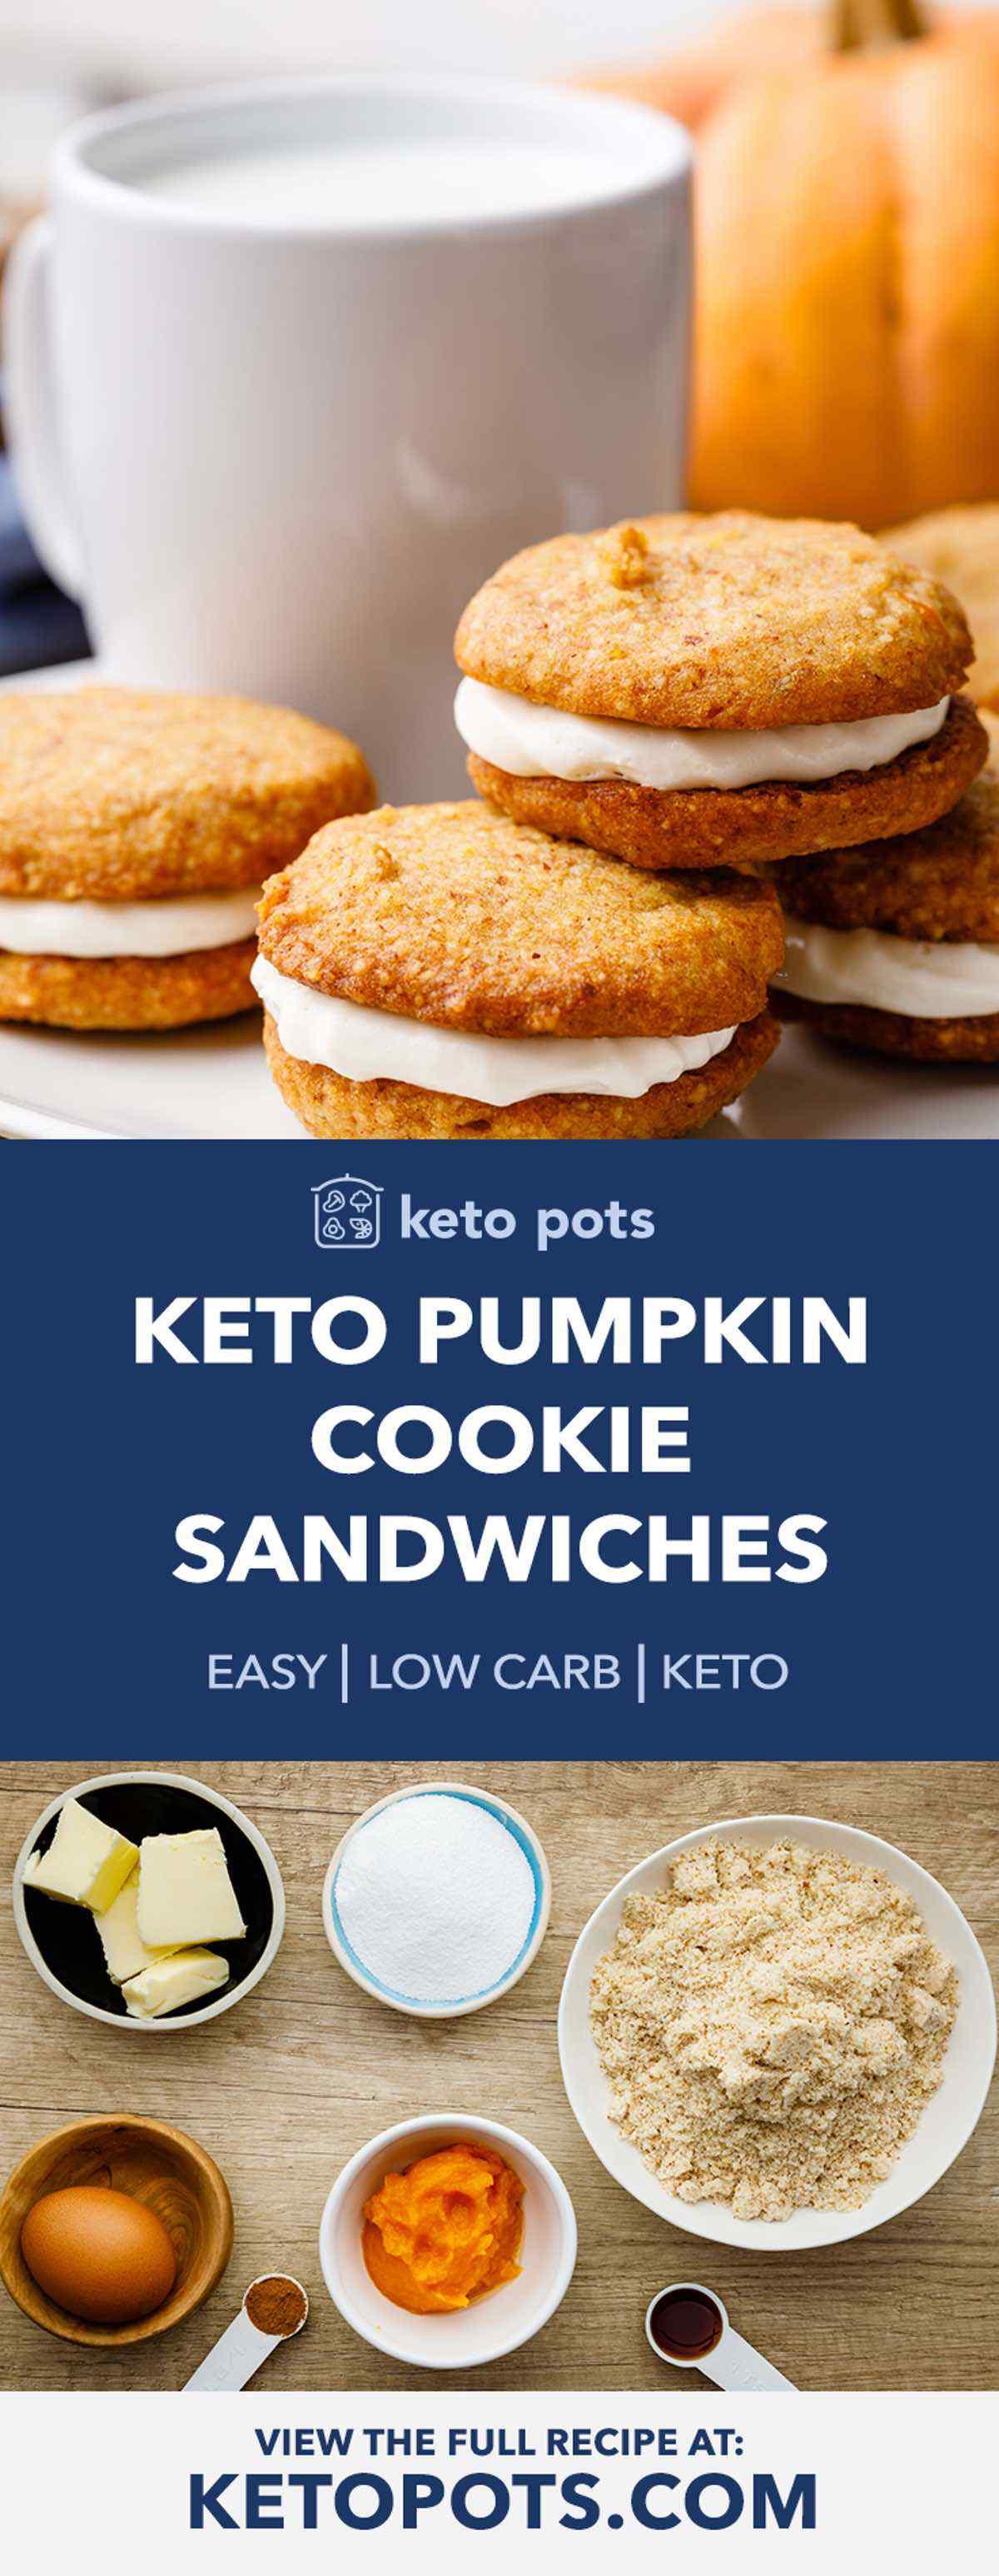 Keto Pumpkin Cookie Sandwiches